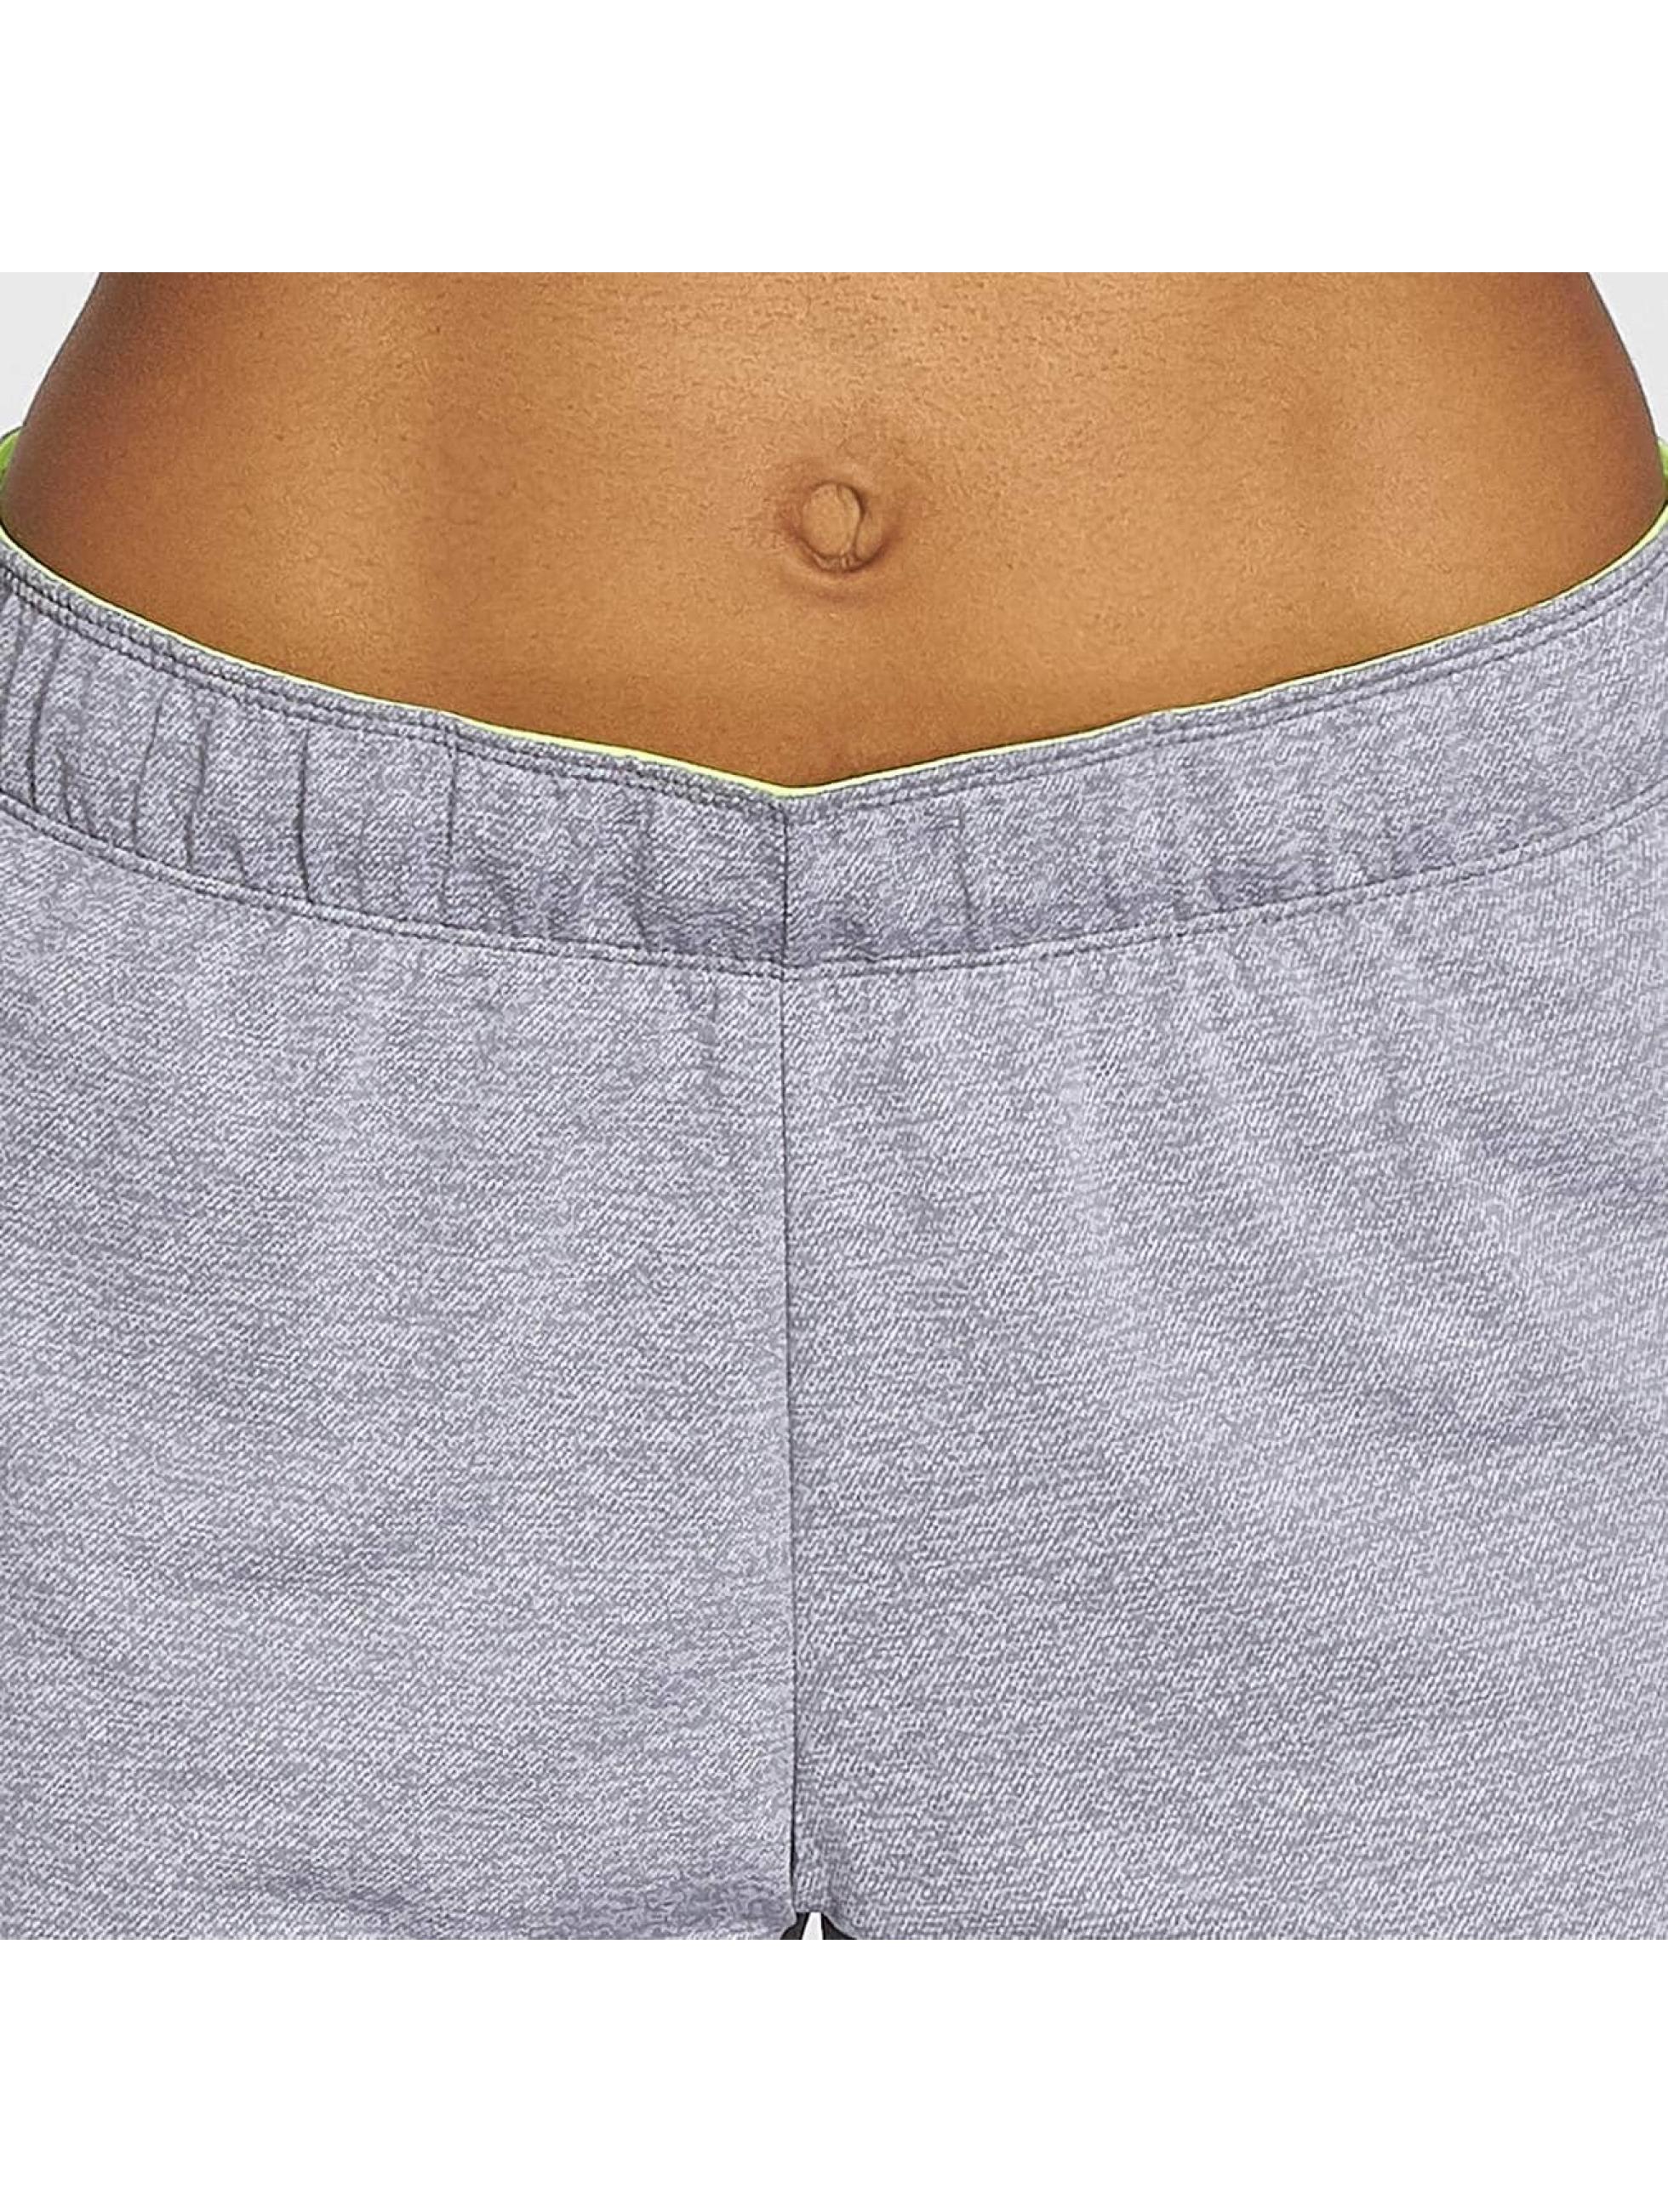 Nike Performance Shorts Training grau